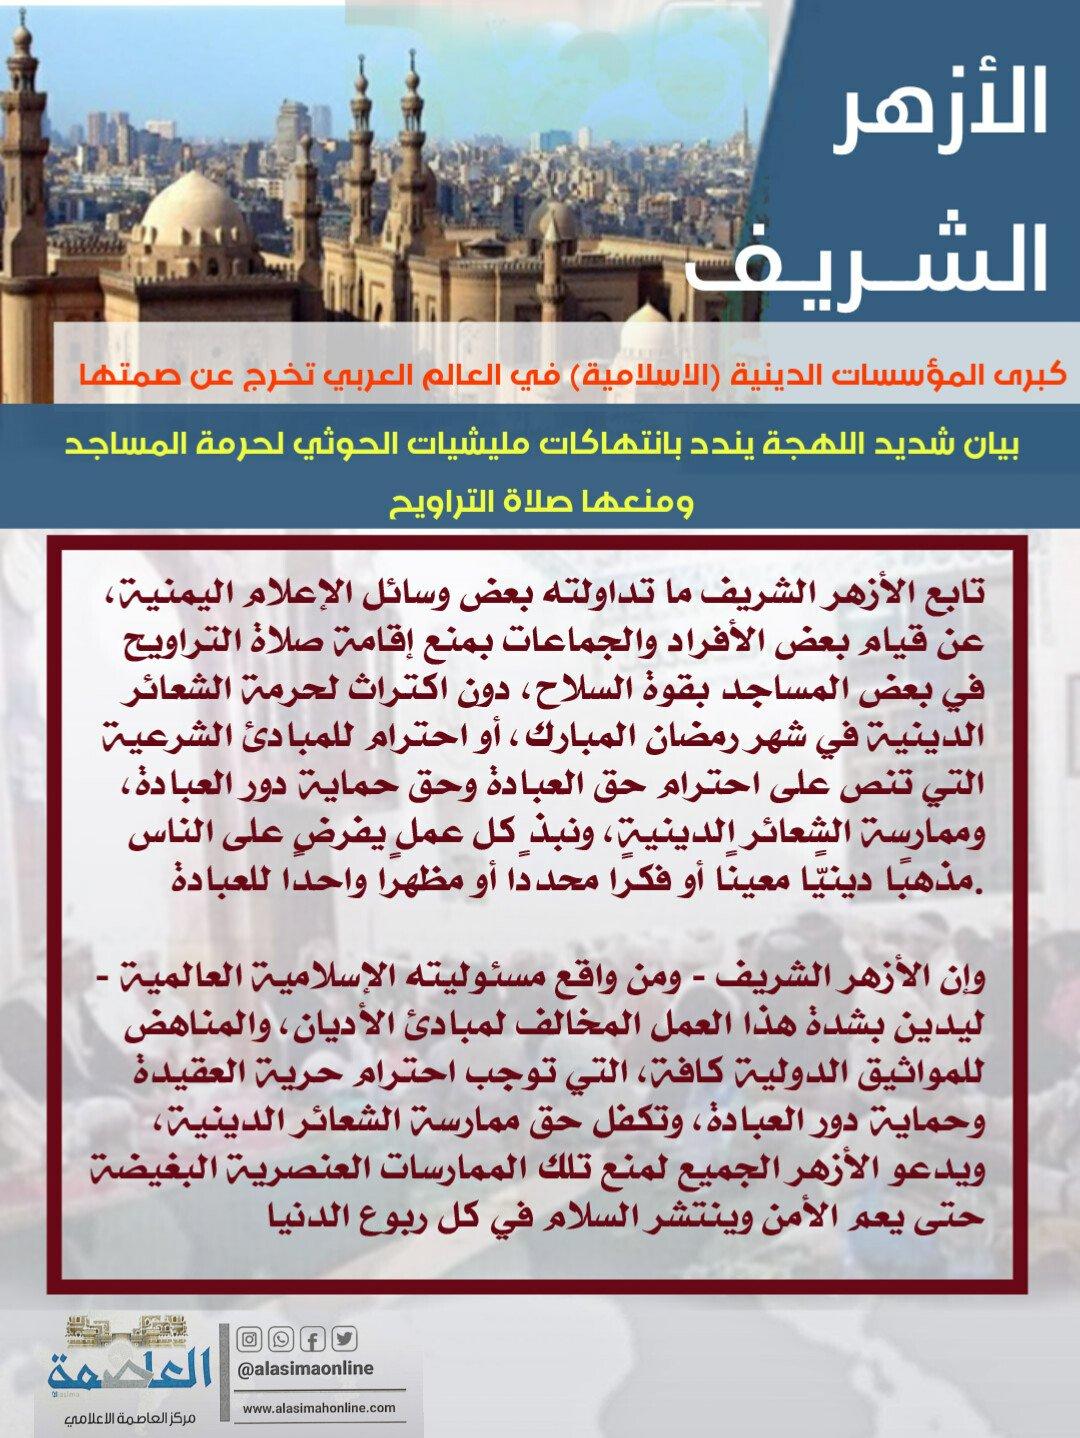 الأزهر الشريف يندد بانتهاكات مليشيات الحوثي تجاه حرمة المساجد ومنعها صلاة التراويح